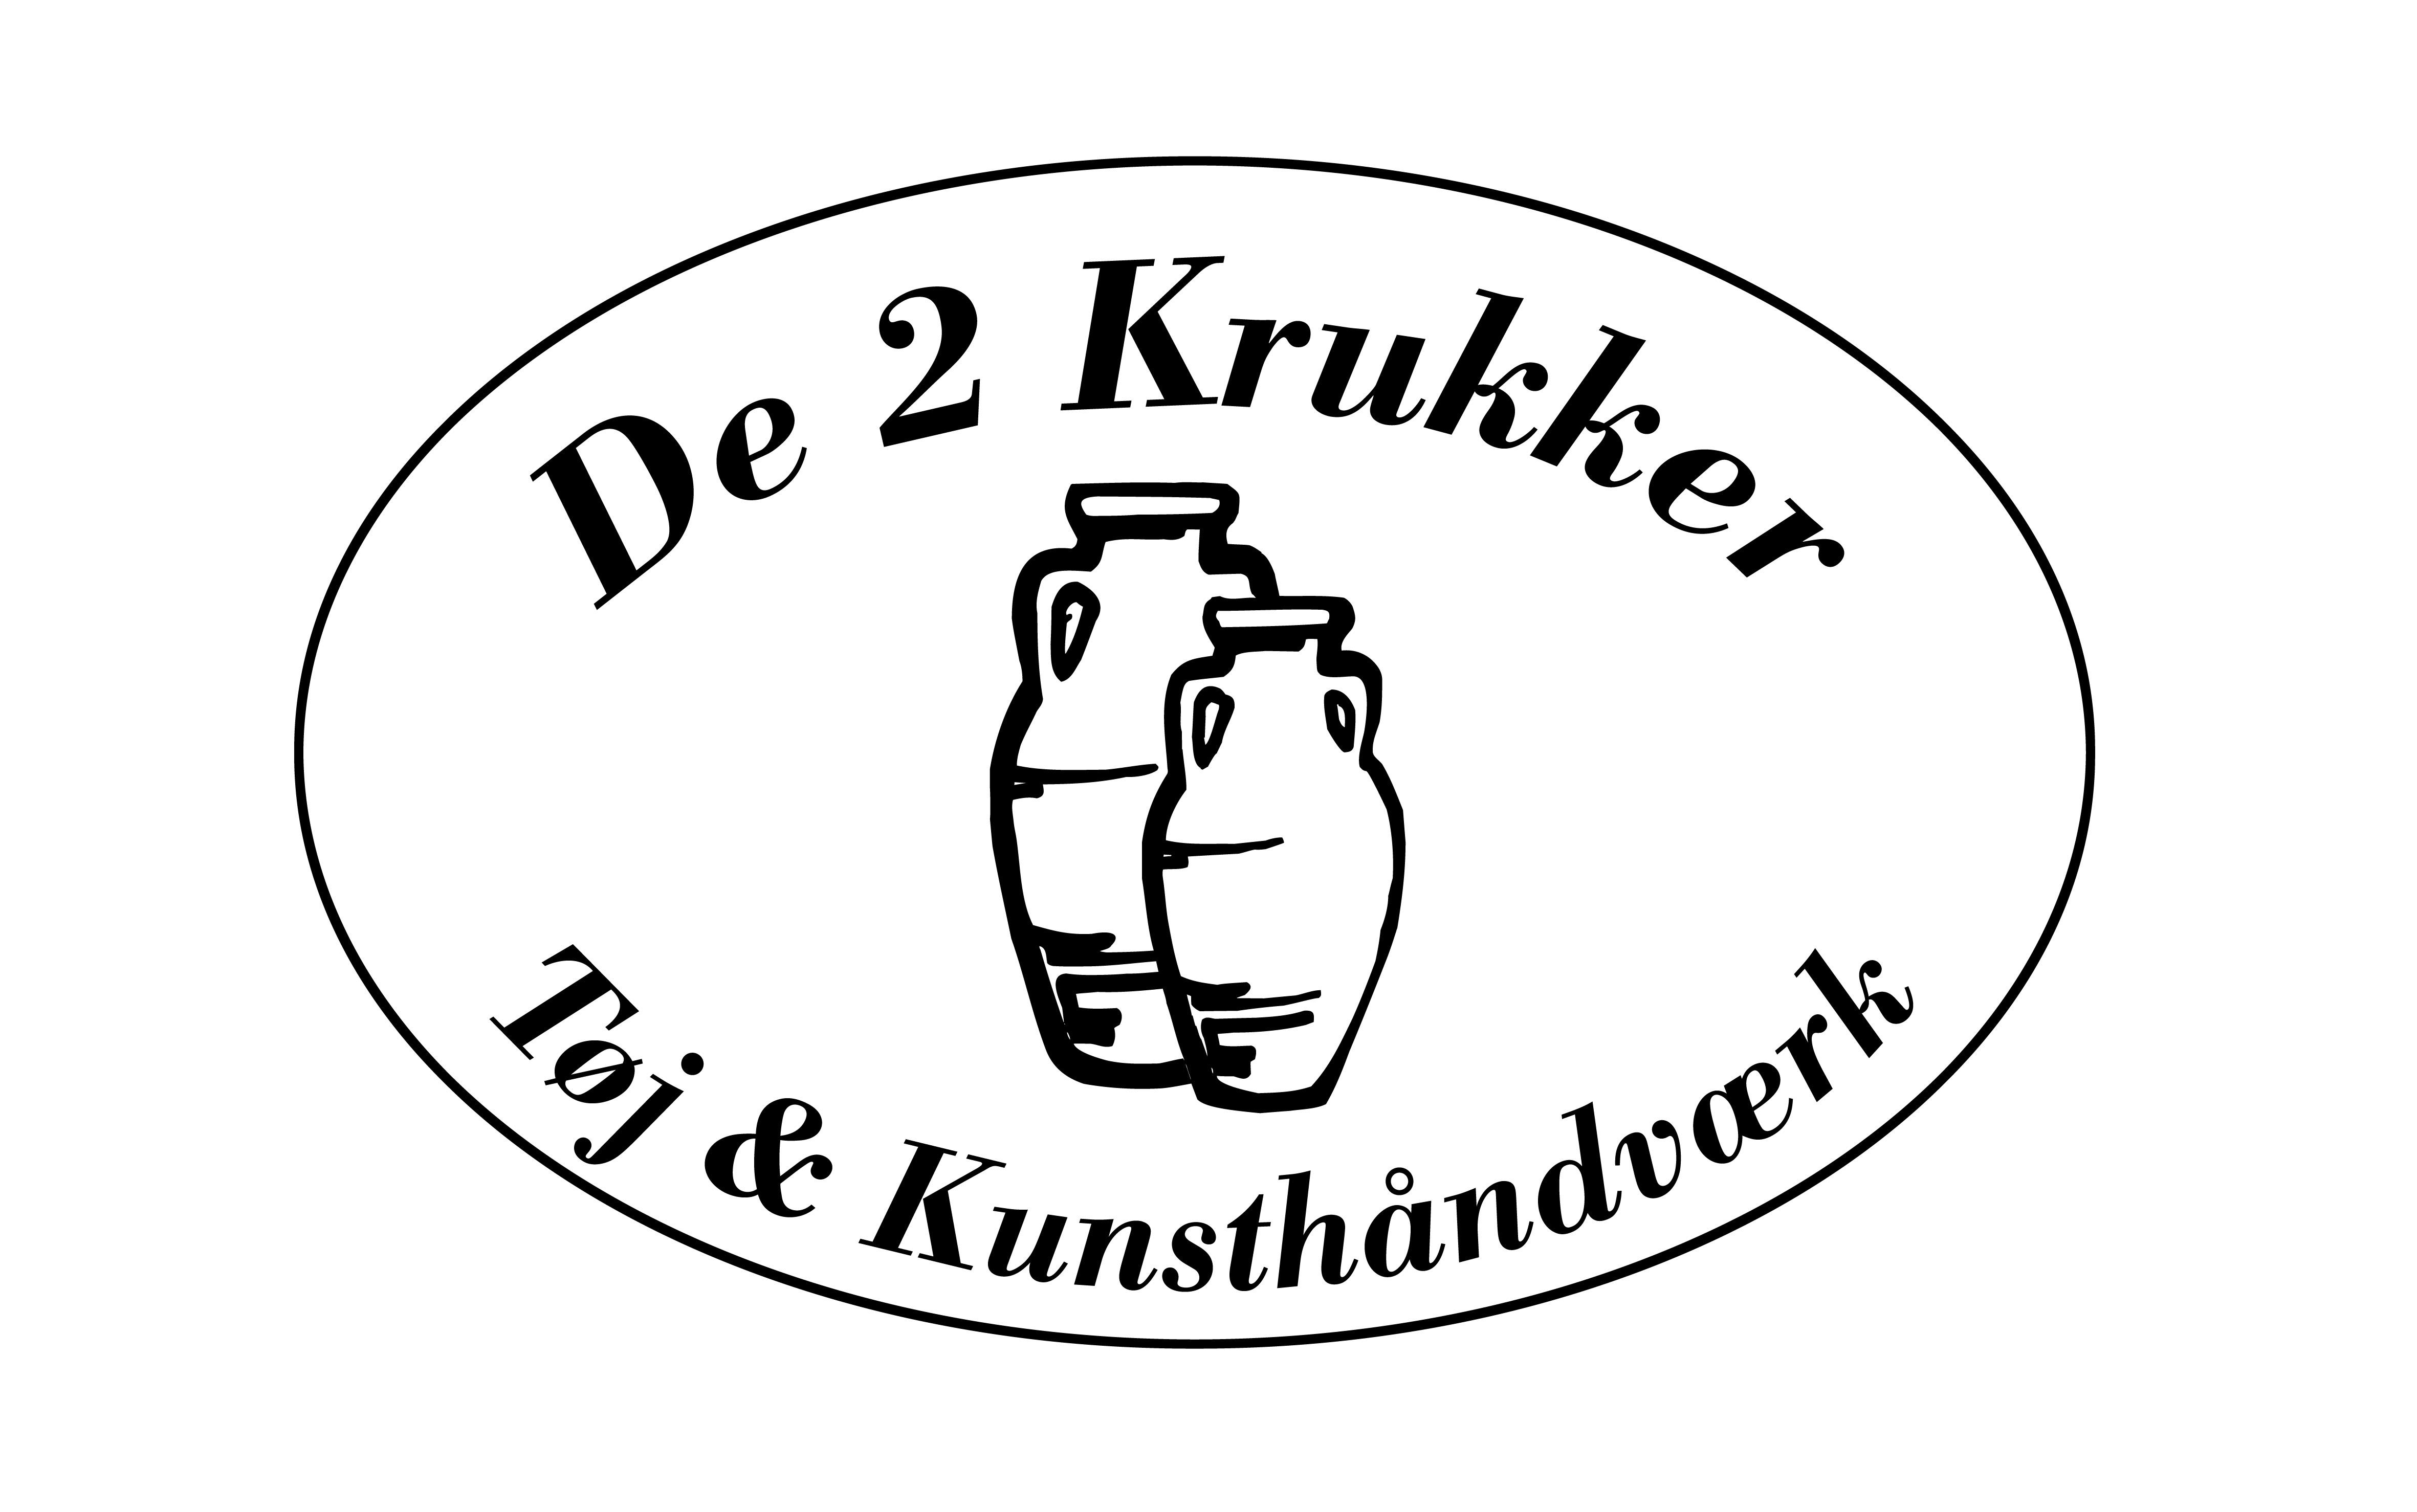 De 2 Krukker | Sommerbutik på Egeskov